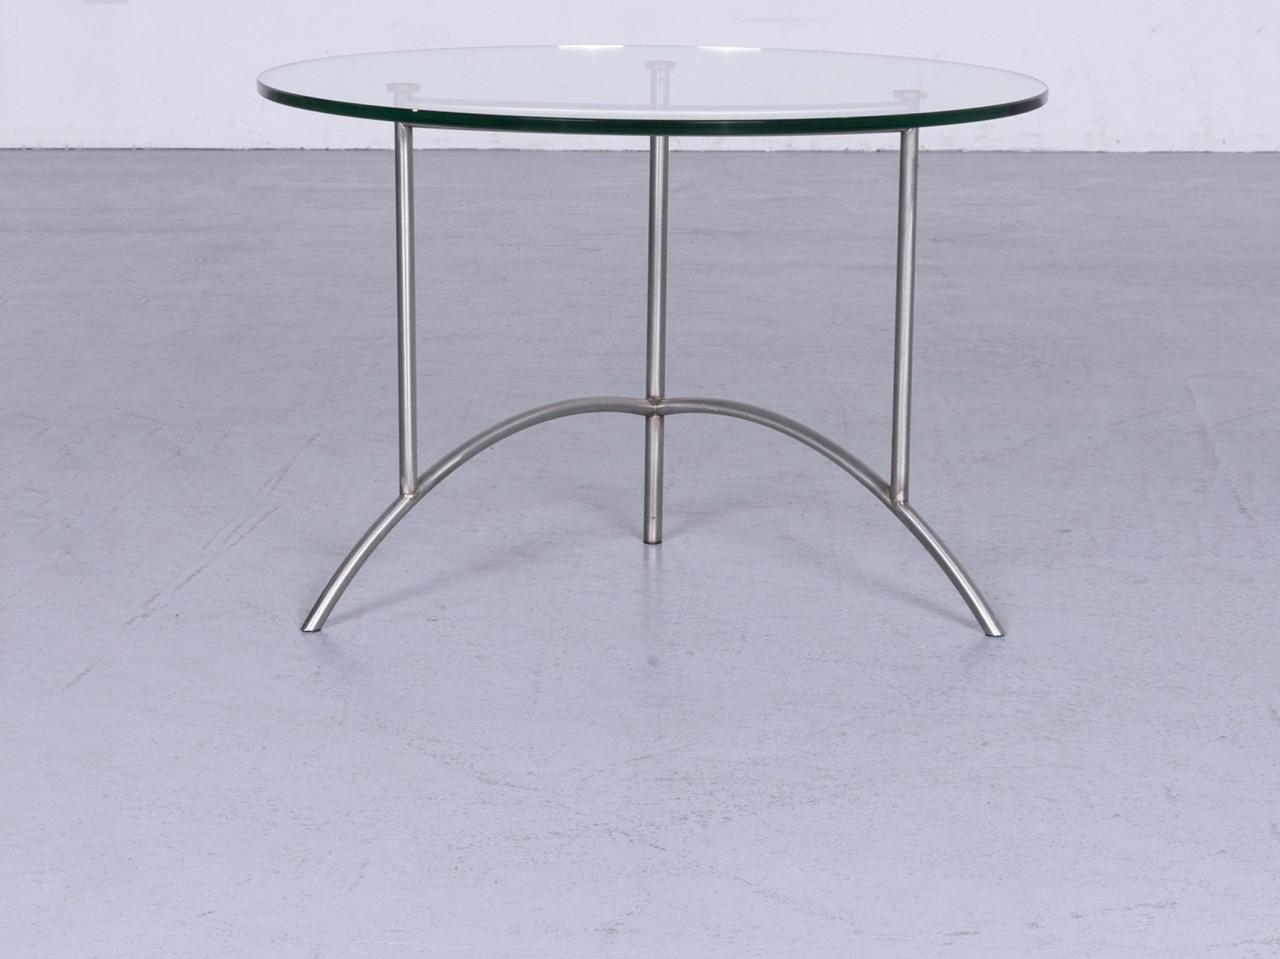 ronald schmitt designer couchtisch silber glas tisch 6394 designermobel koln lovenich